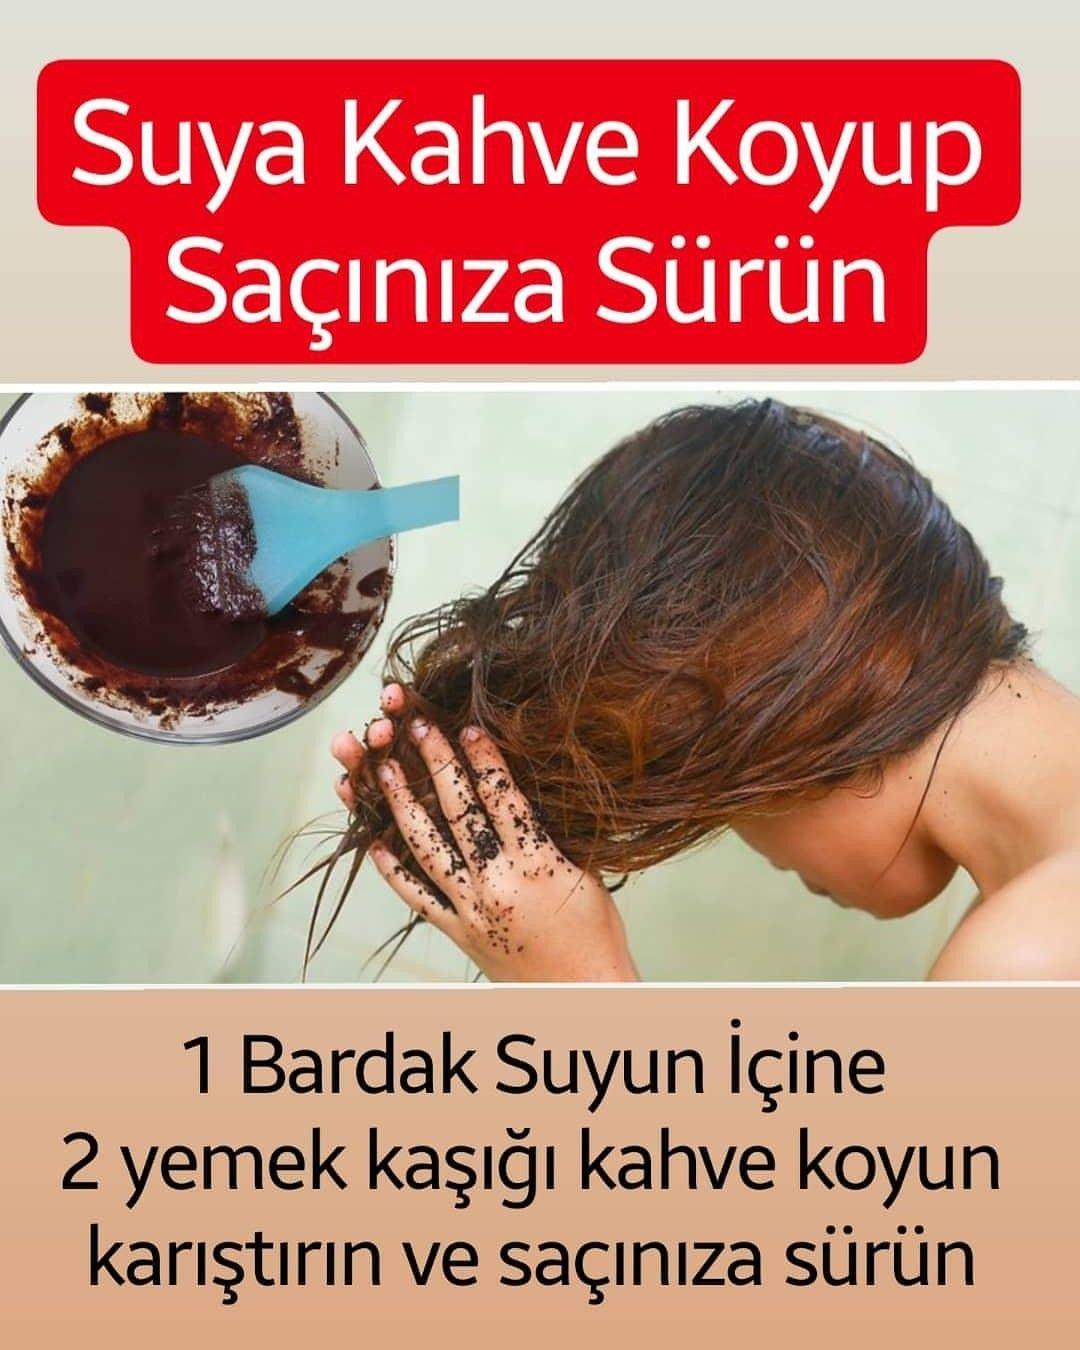 Suya Kahve Koyup Saçınıza Sürün Sonuç muhteşem